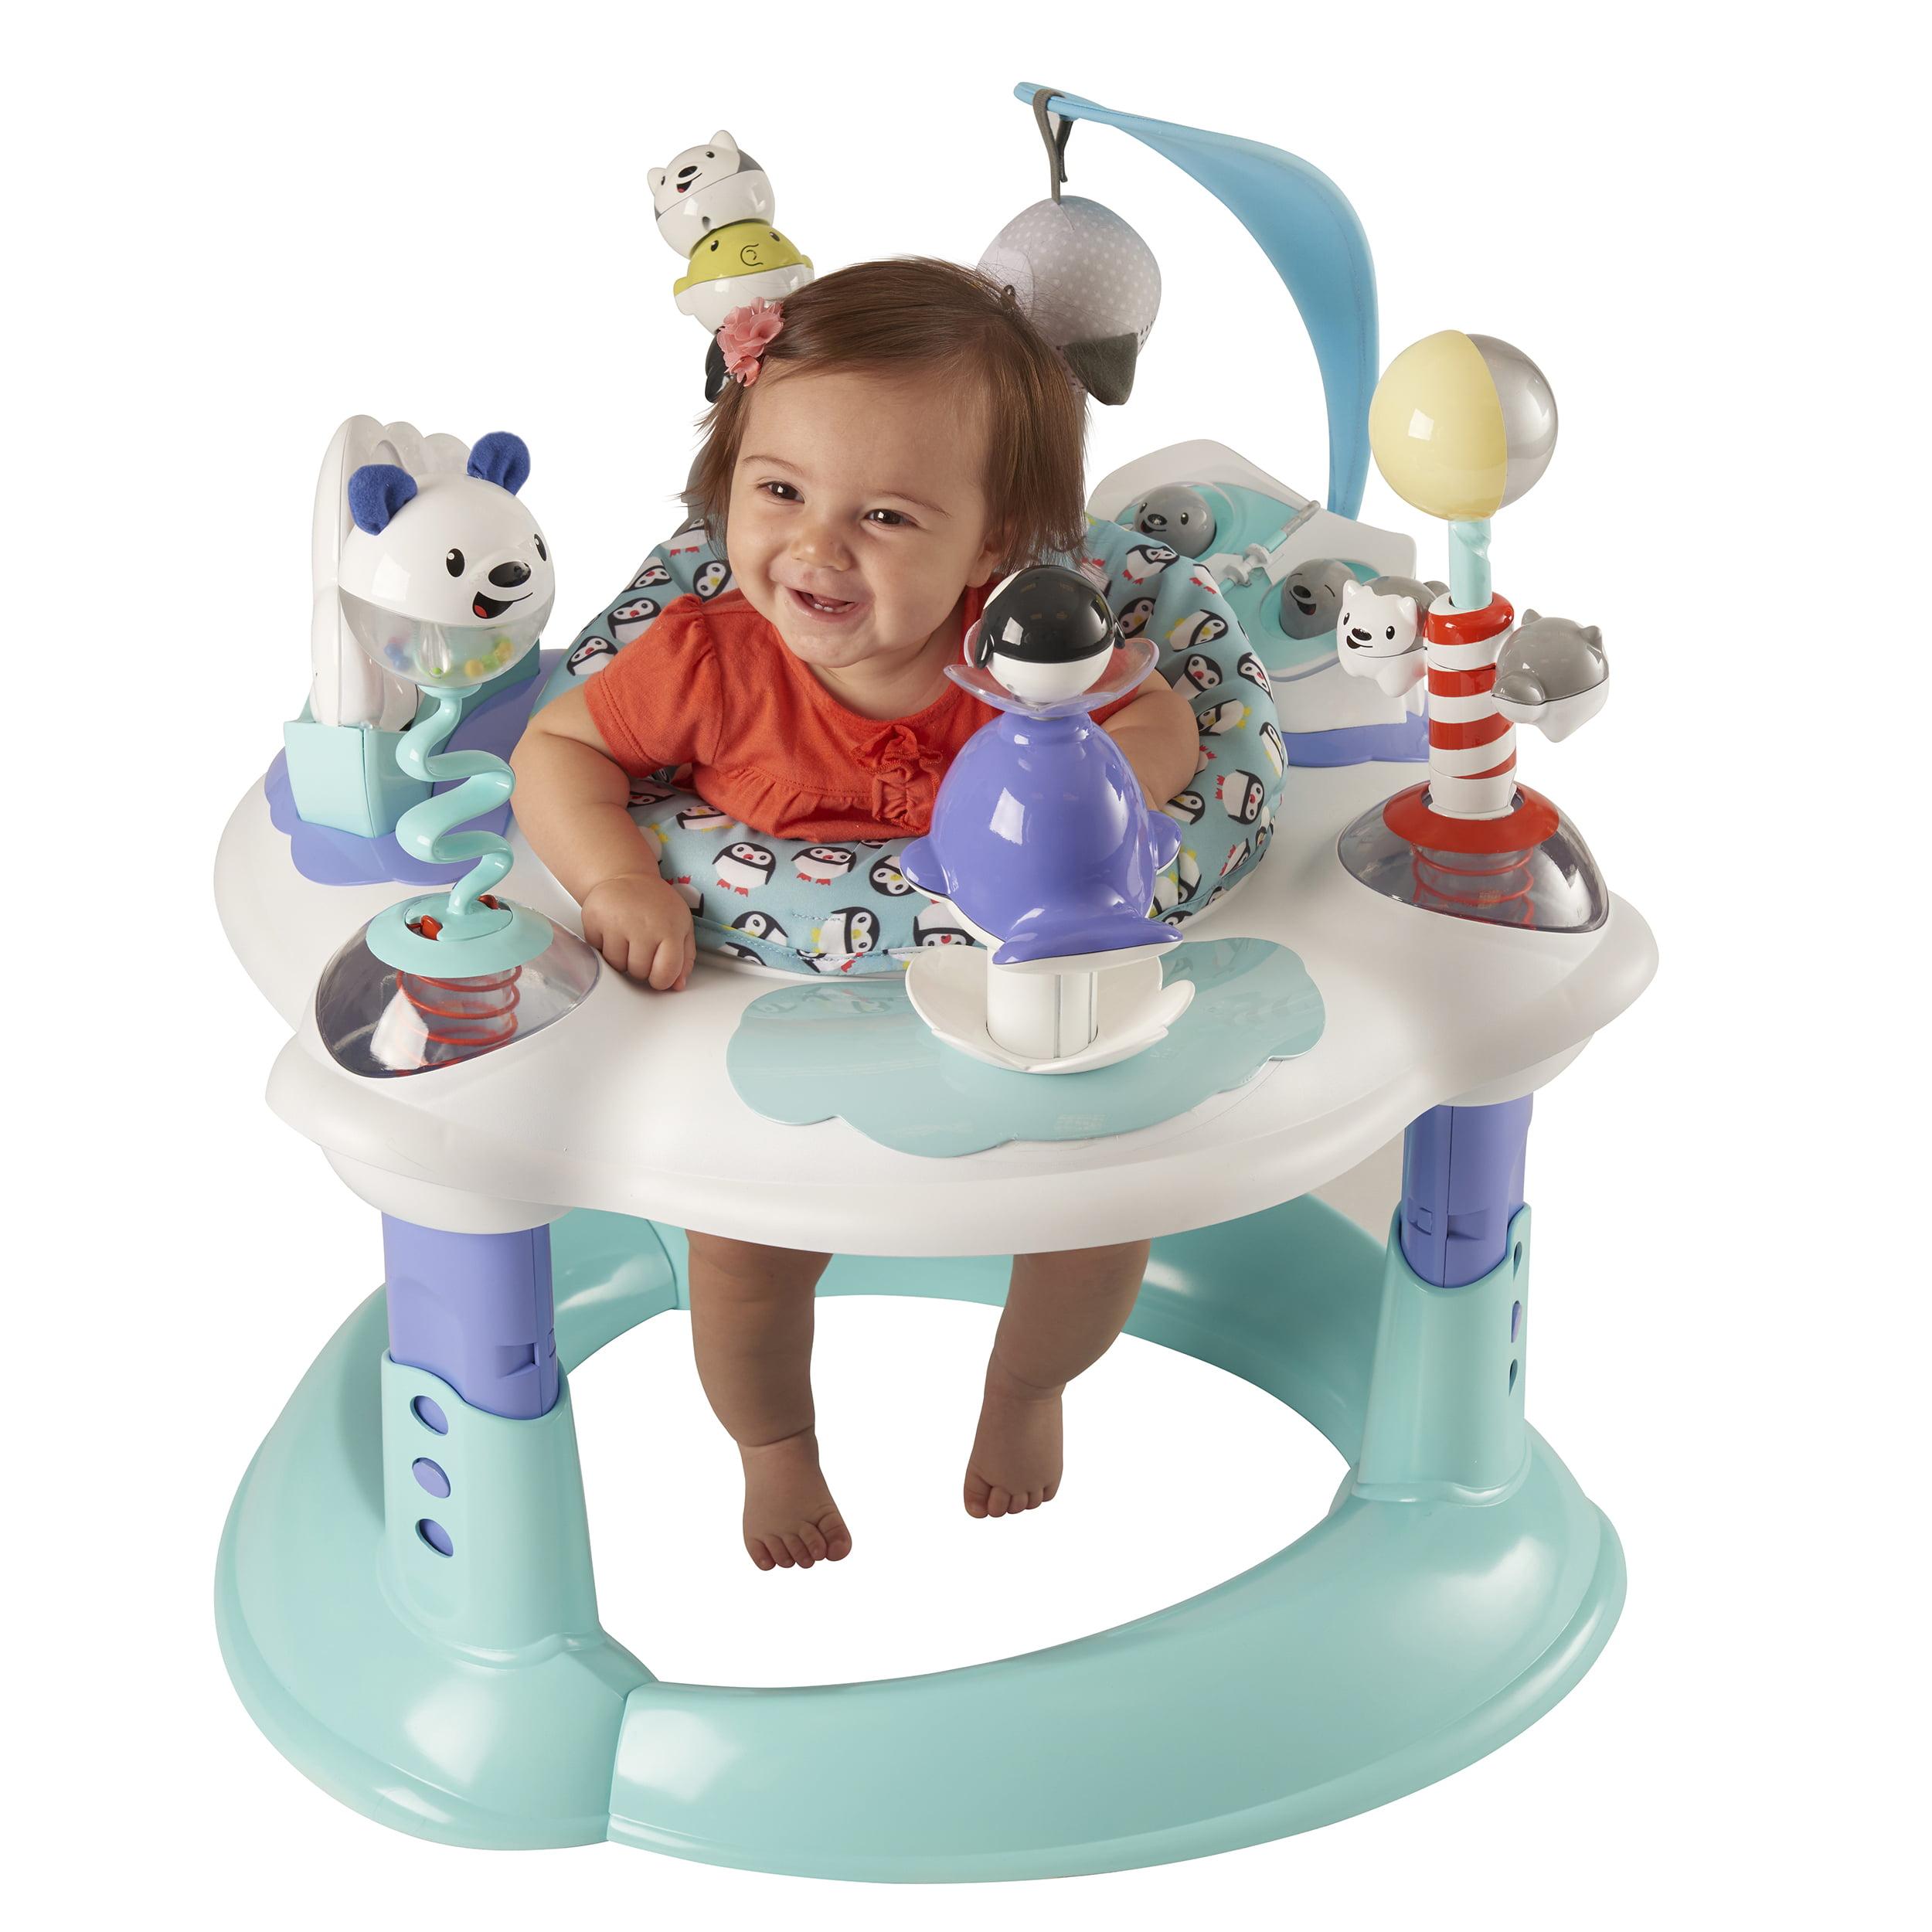 Evenflo Baby Exersaucer Bounce Learn Polar Playground 32884194957